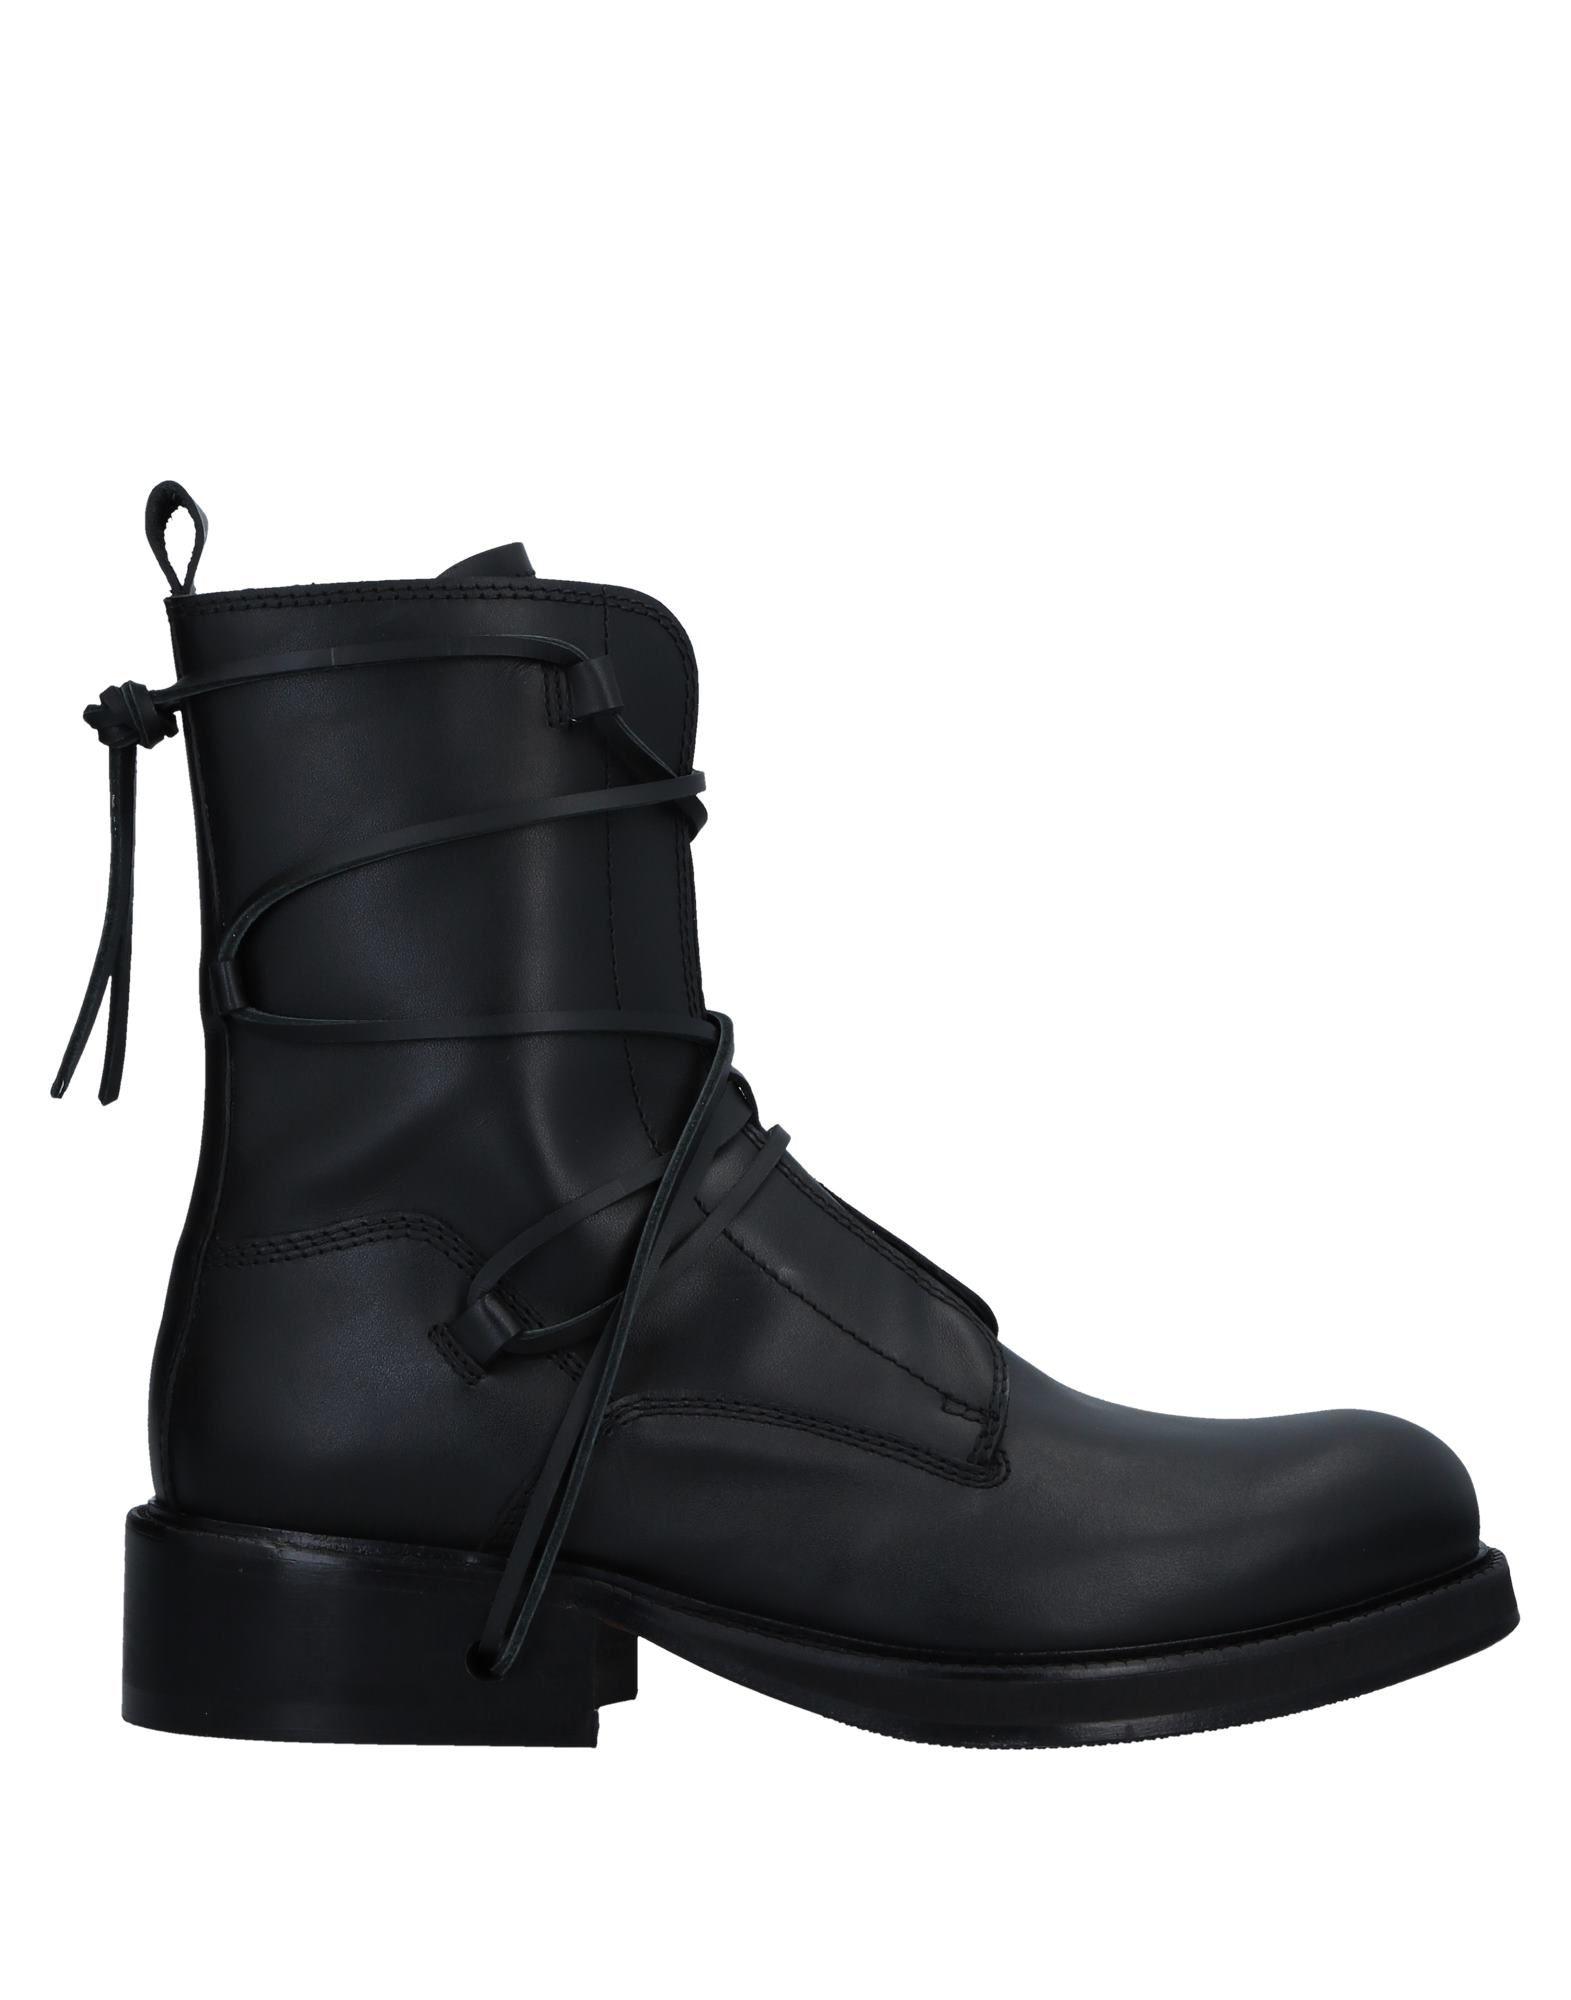 Dirk Bikkembergs Stiefelette Herren  11518053VP Gute Qualität beliebte Schuhe